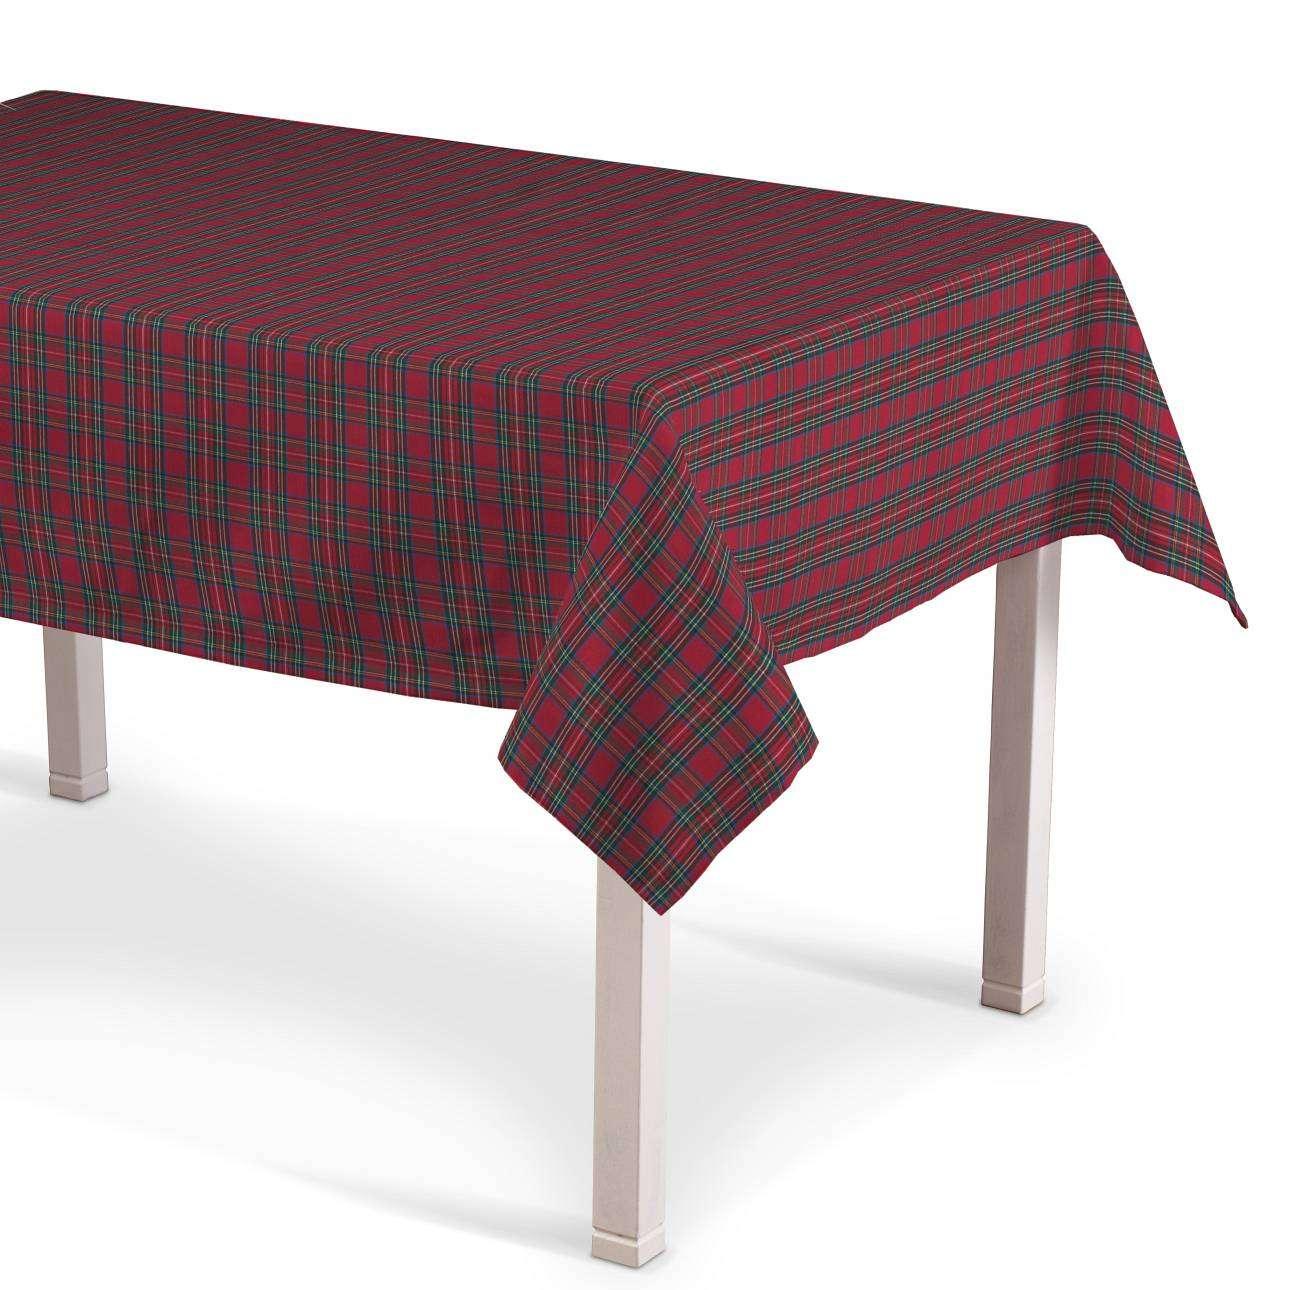 Staltiesės (stalui su kampais) 130 x 130 cm kolekcijoje Christmas, audinys: 126-29